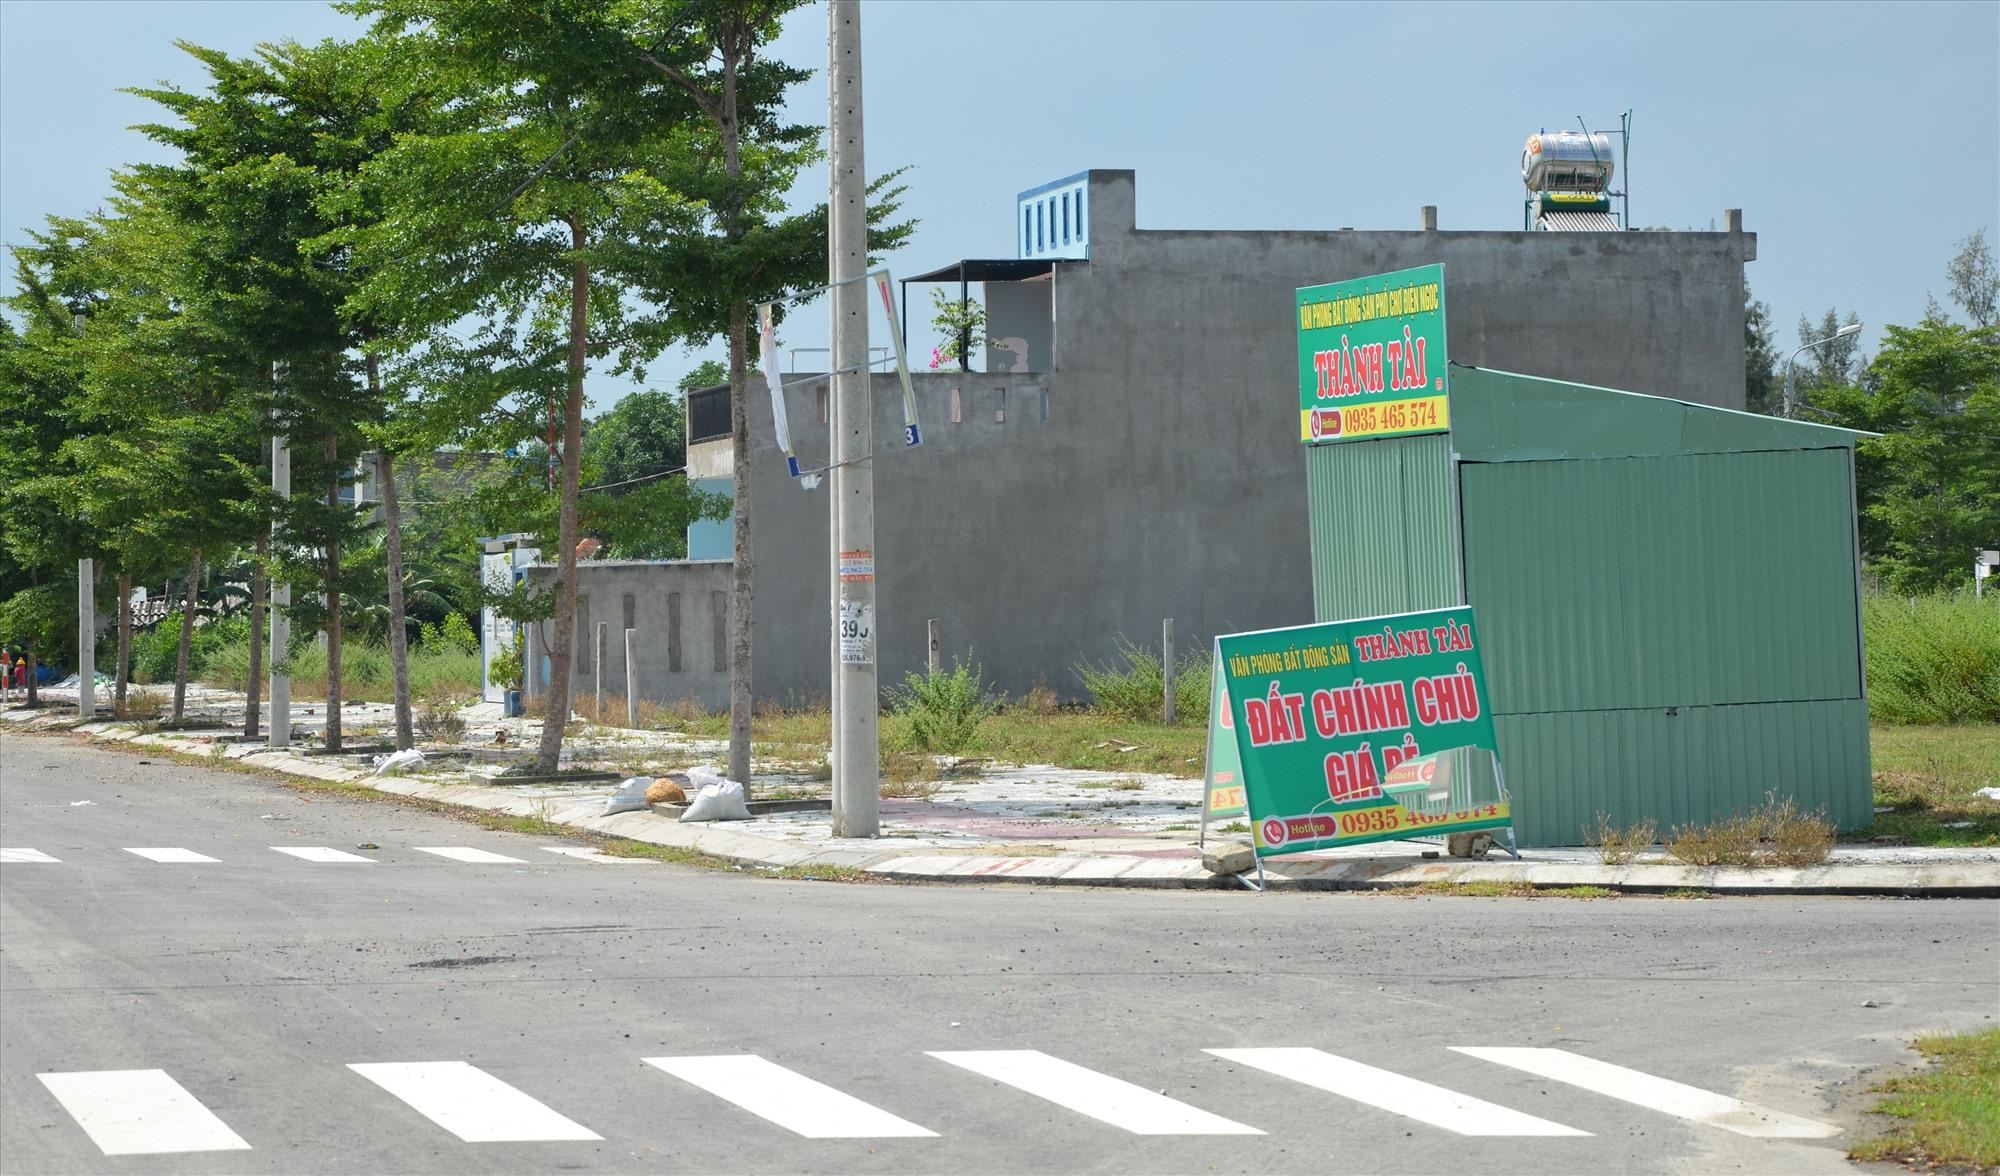 Giao dịch bất động sản bắt đầu rục rịch trở lại tại Đô thị mới Điện Nam - Điện Ngọc. Ảnh: H.P